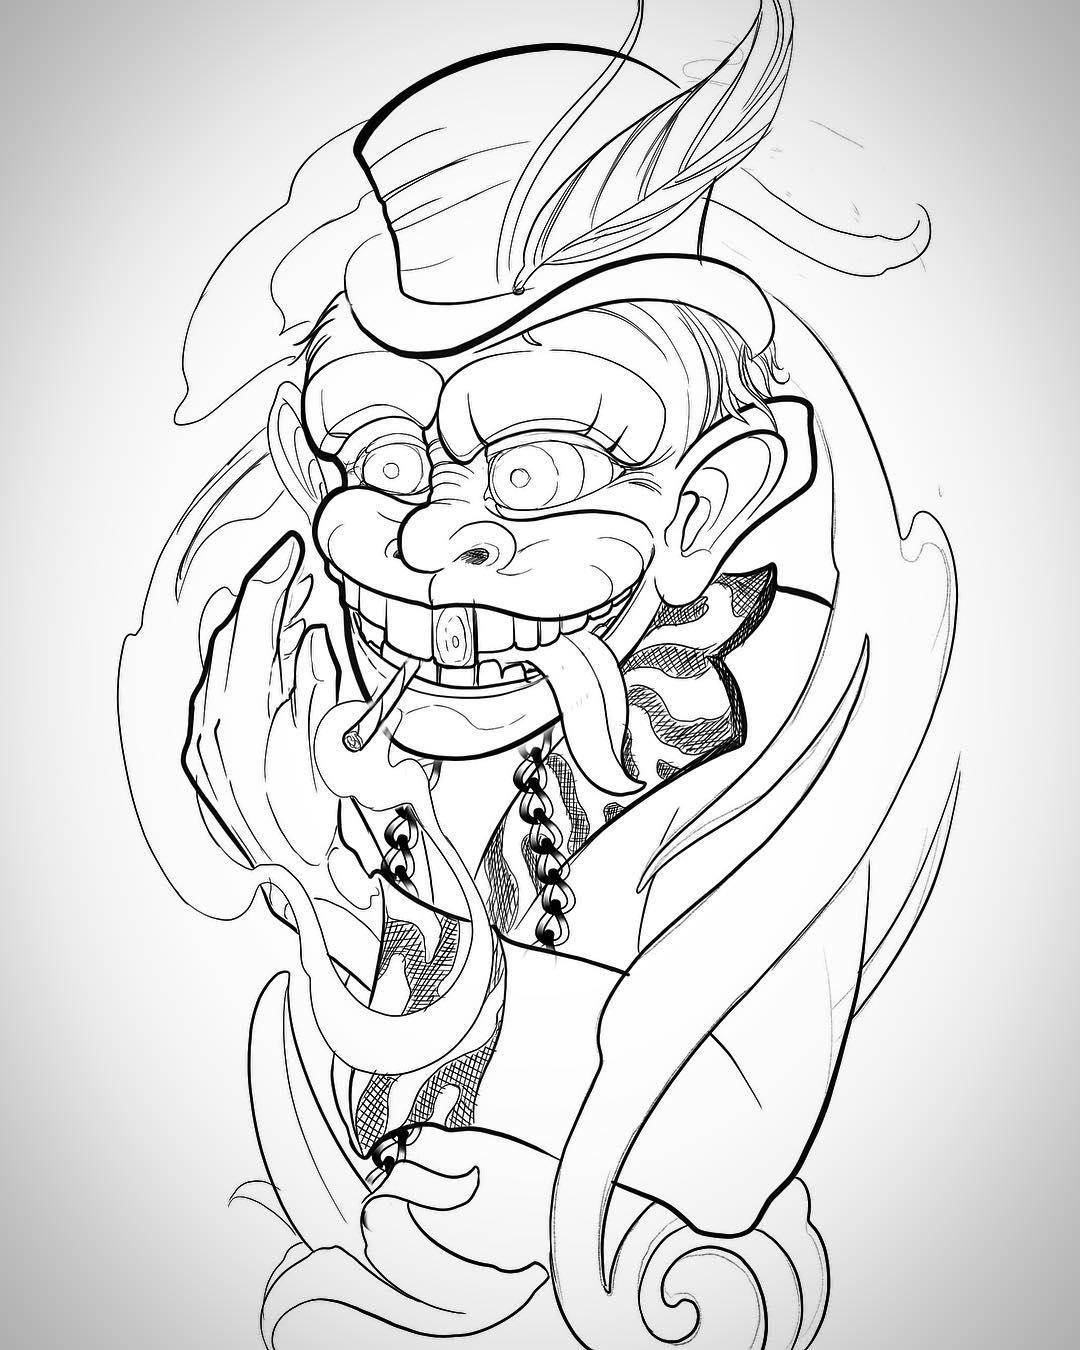 薄先生暗黑猴子纹身手稿